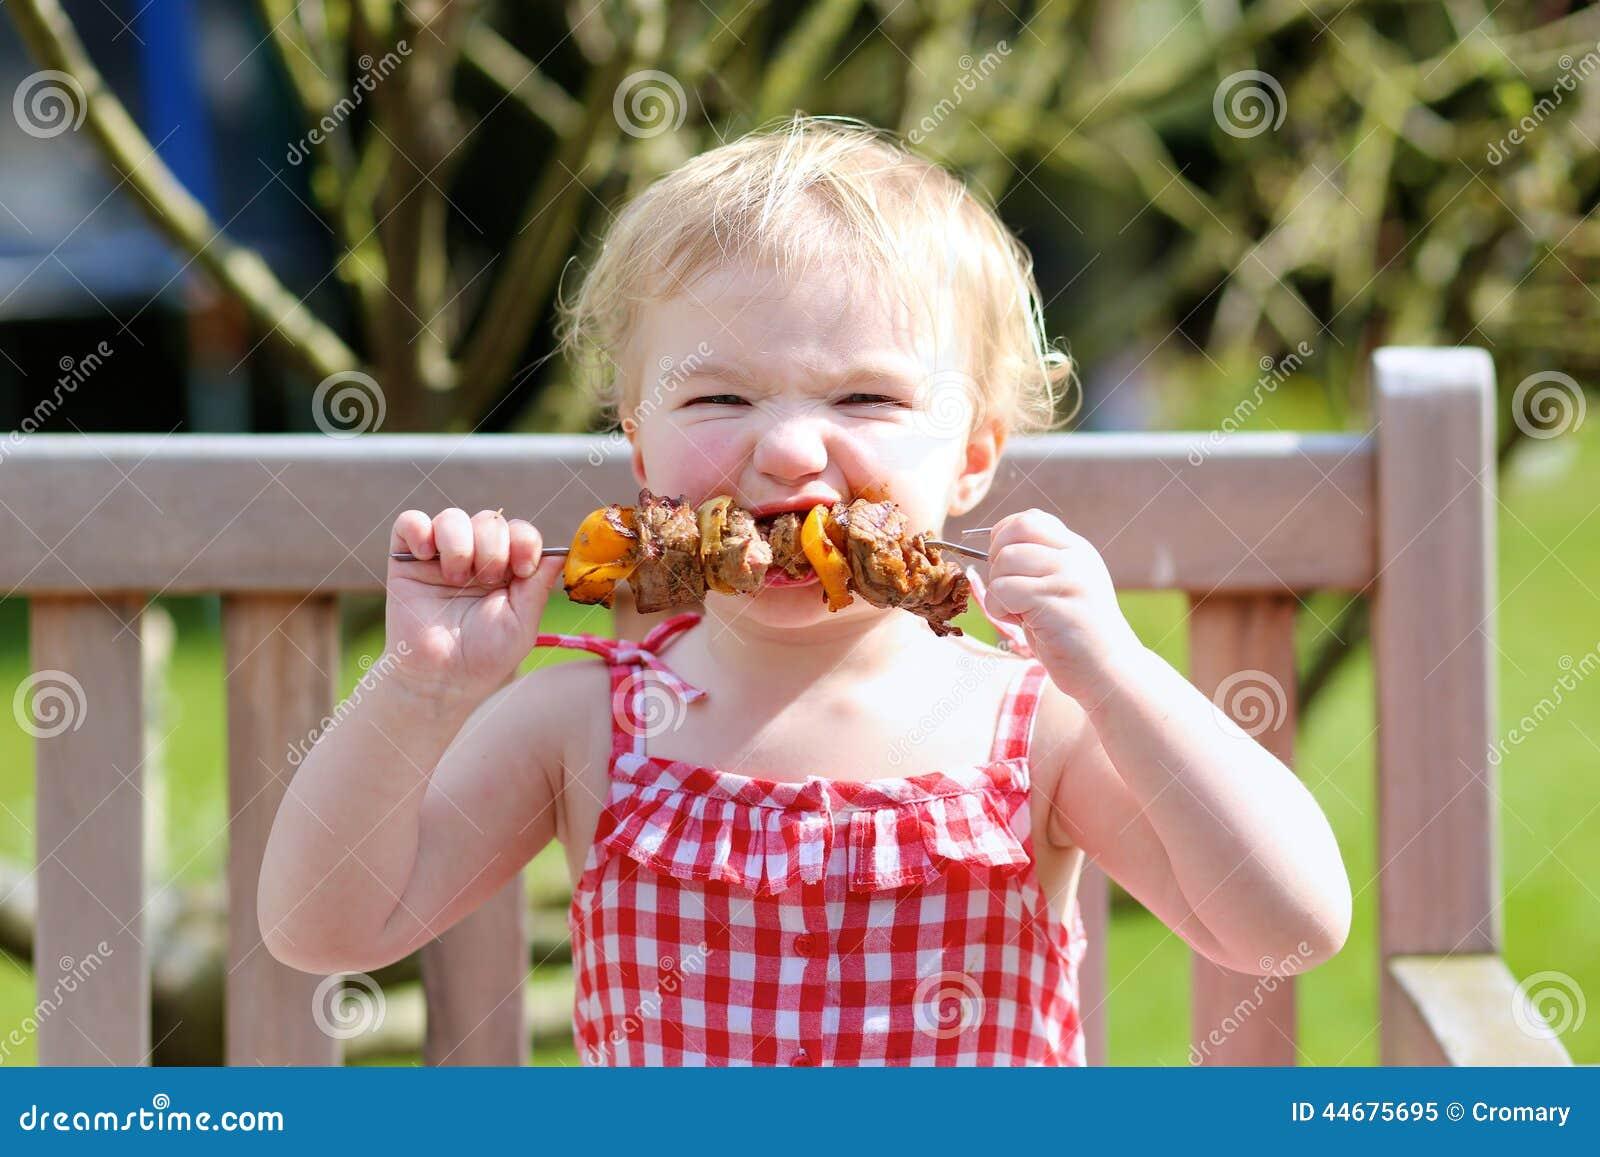 little girls eating cum